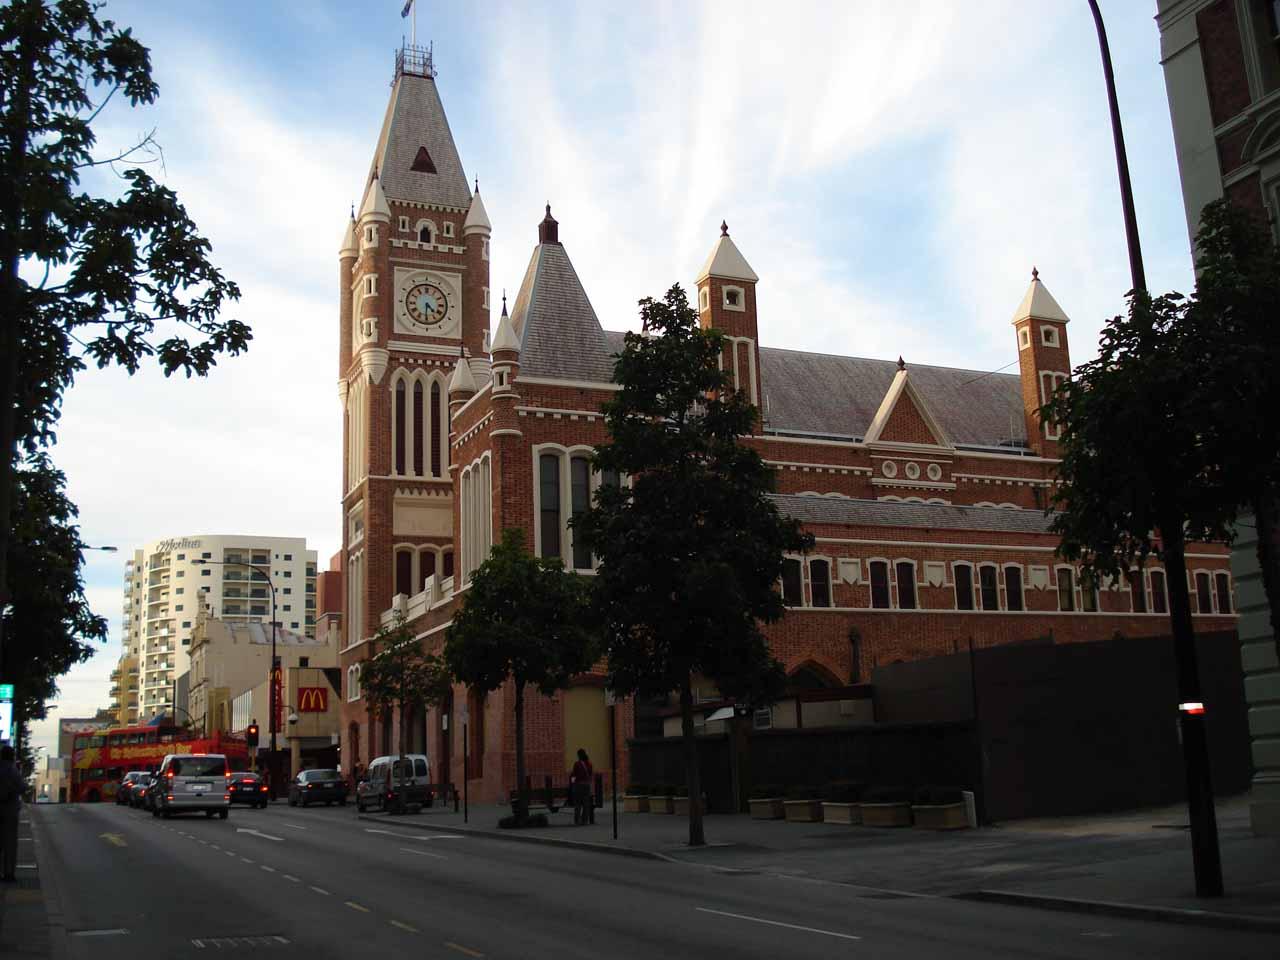 More attractive buildings in the Perth CBD